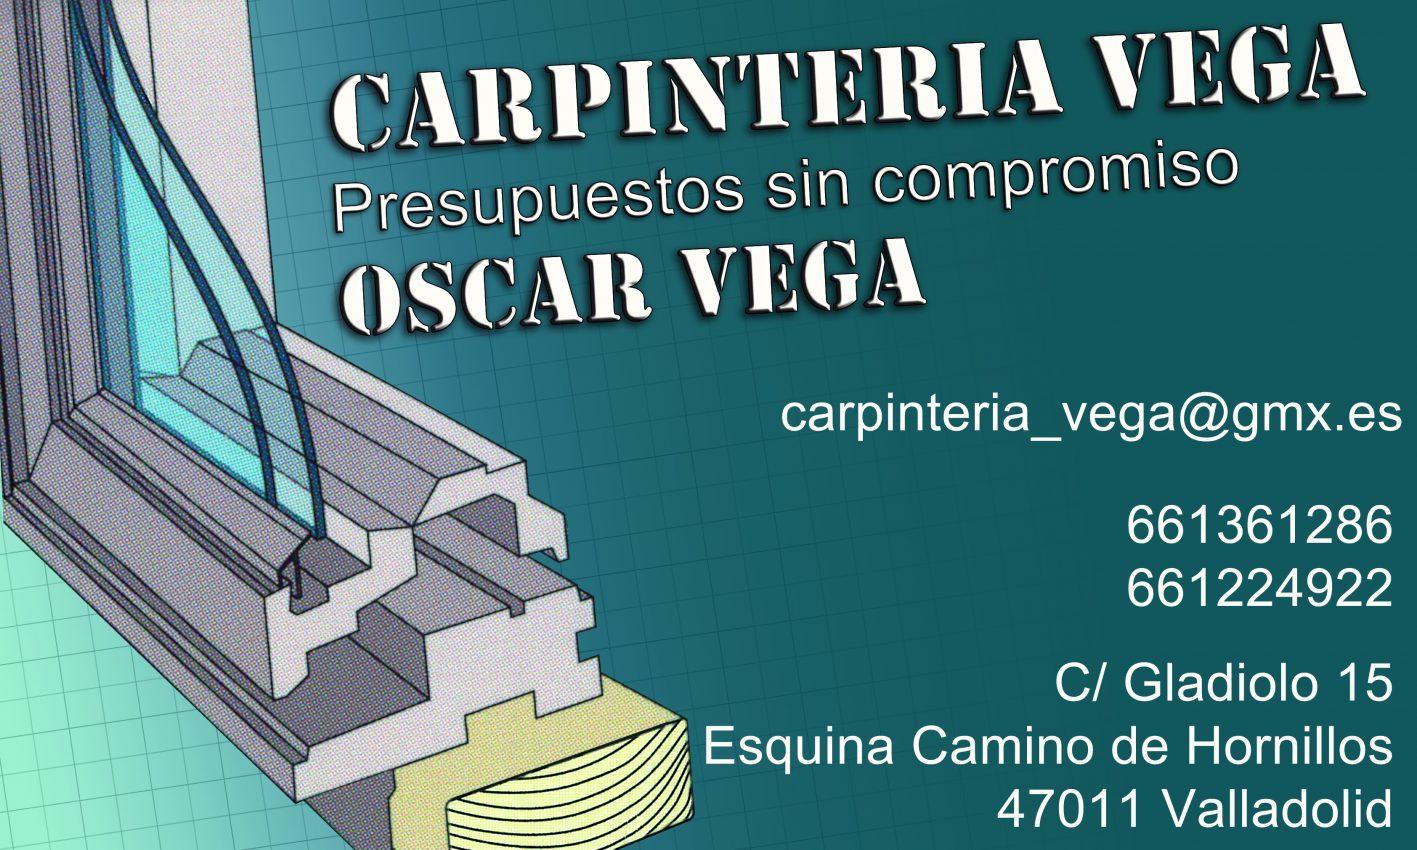 Carpintería Vega